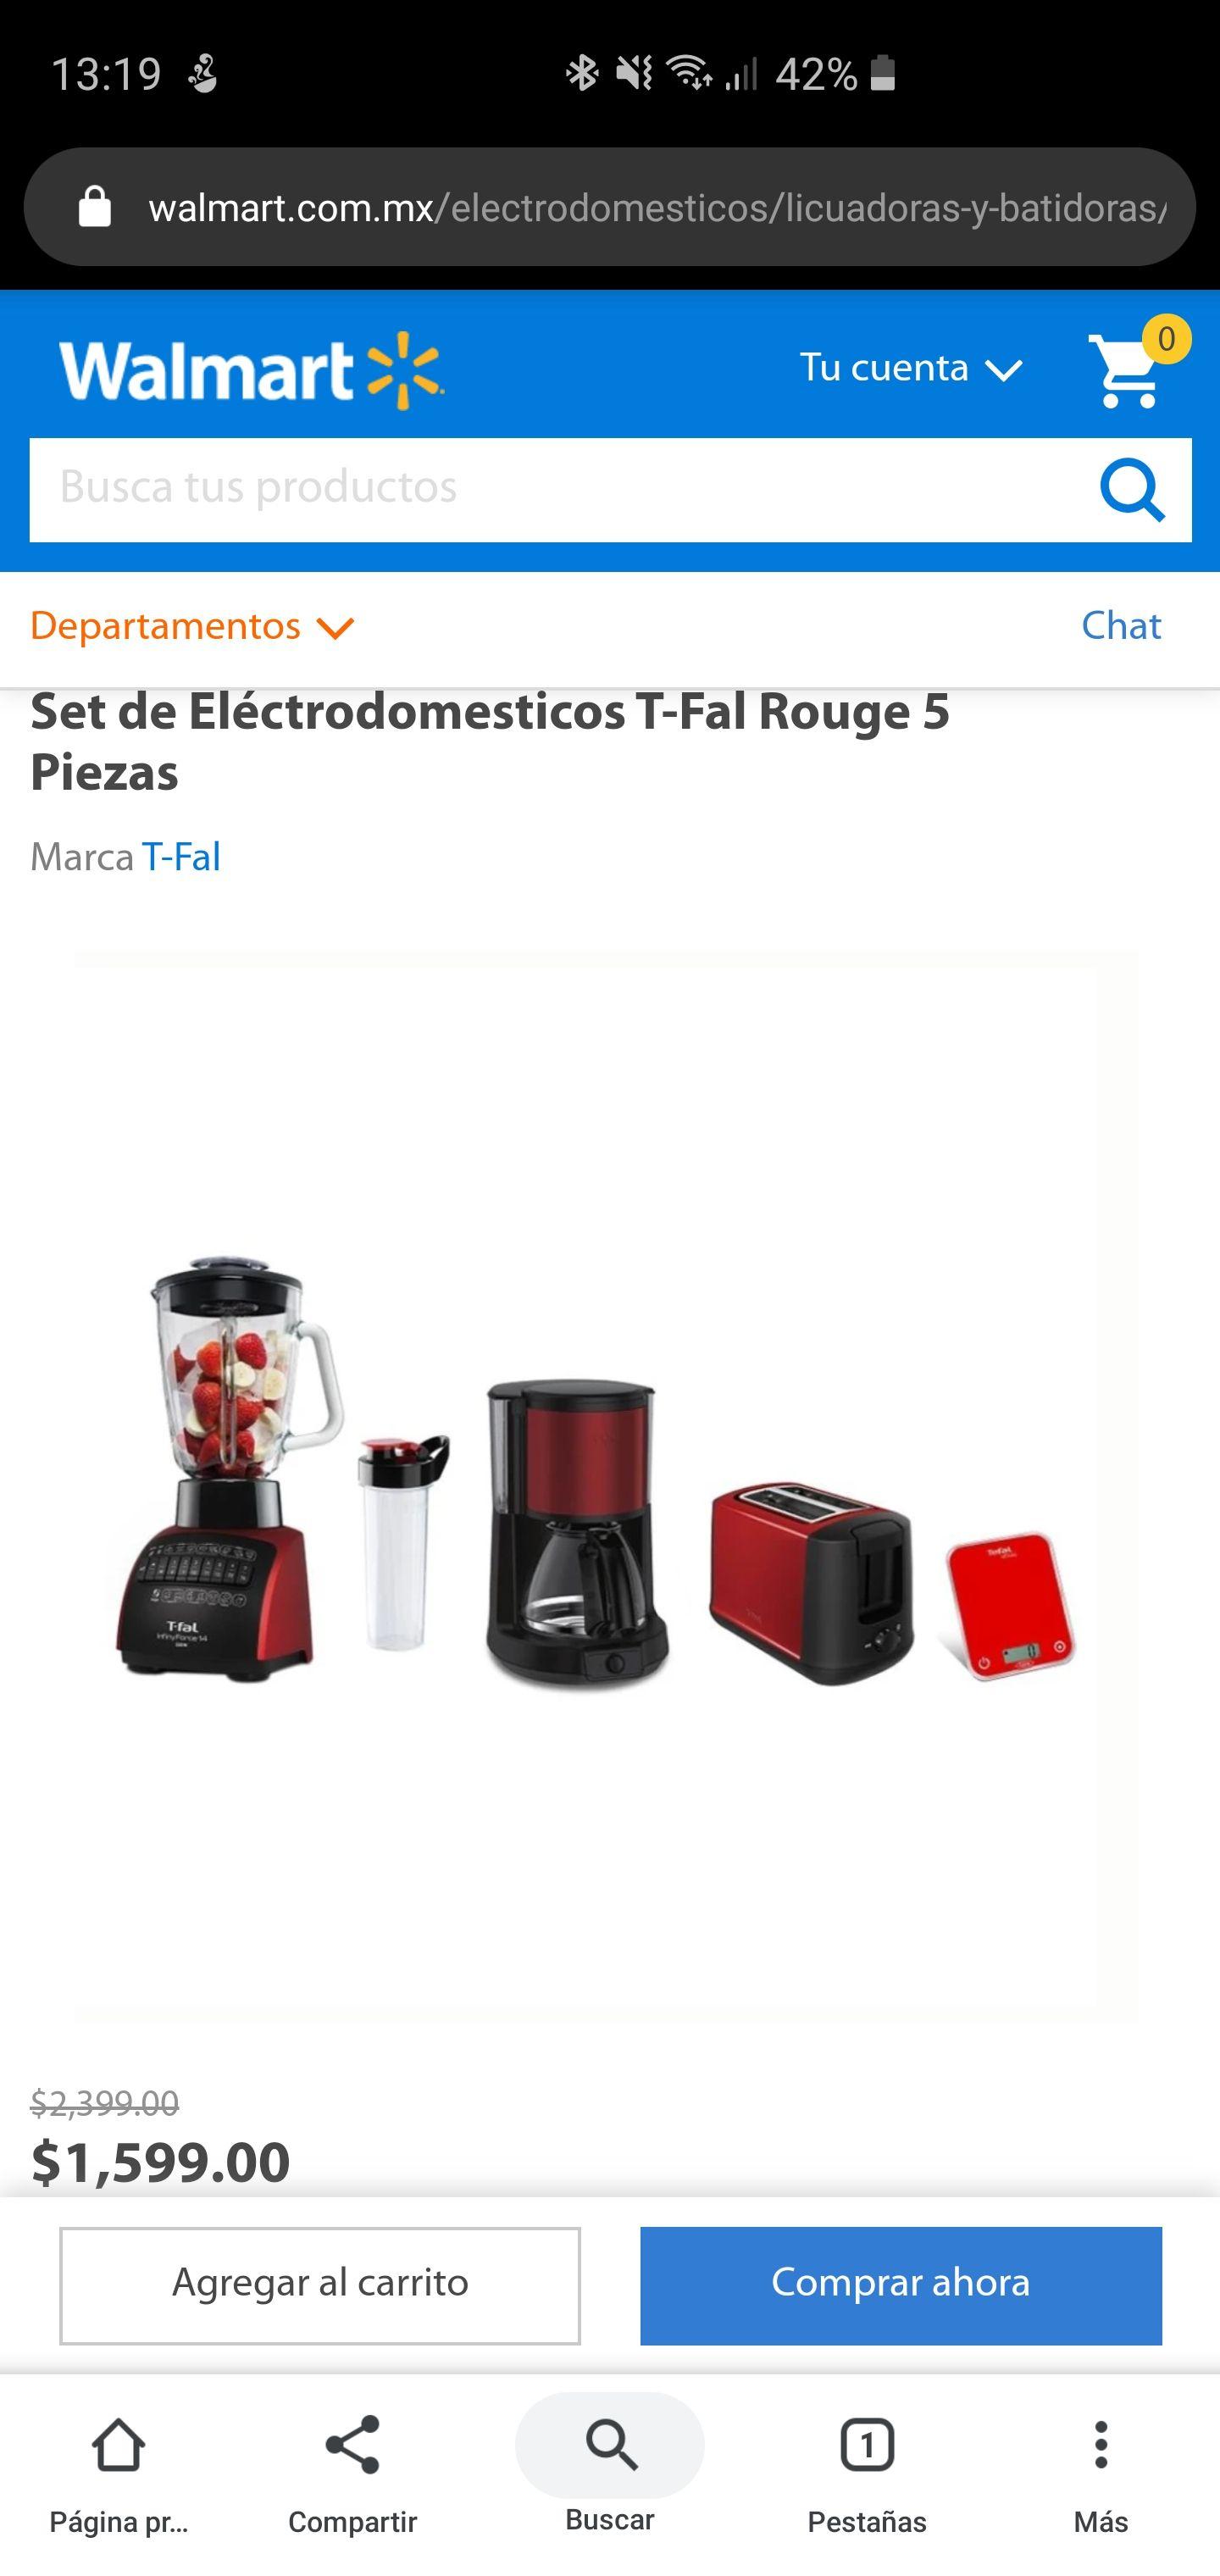 Walmart: Set electrodomésticos T-Fal